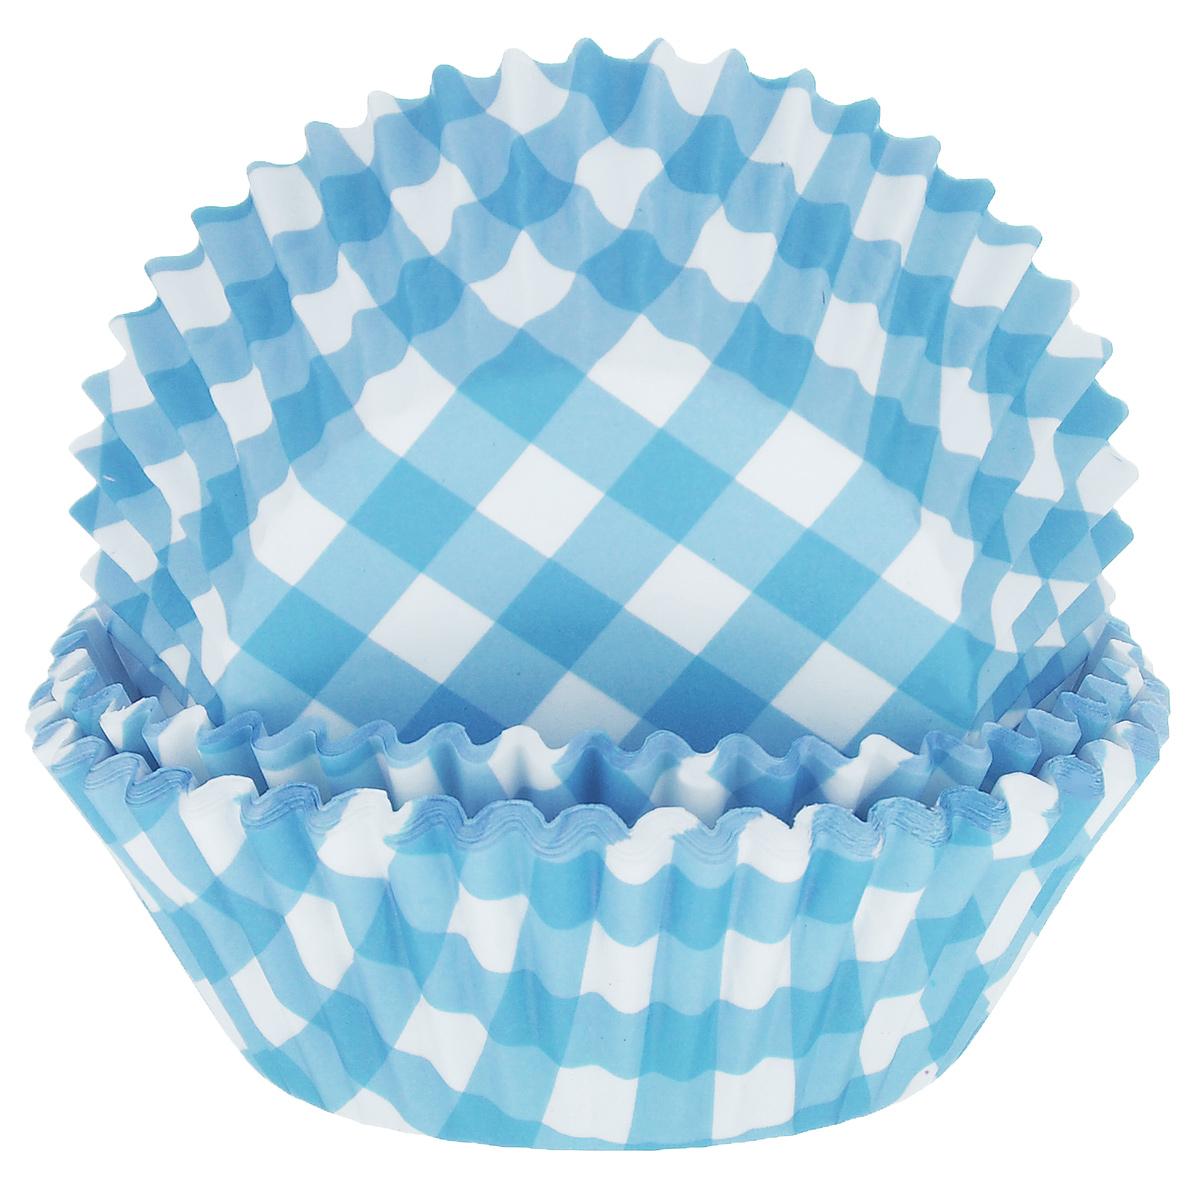 Набор бумажных форм для кексов Dolce Arti Клетка, цвет: голубой, диаметр 5 см, 50 шт391602Набор Dolce Arti Клетка состоит из 50 бумажных форм для кексов, оформленных принтом в клетку. Они предназначены для выпечки и упаковки кондитерских изделий, также могут использоваться для сервировки орешков, конфет и много другого. Для одноразового применения. Гофрированные бумажные формы идеальны для выпечки кексов, булочек и пирожных.Высота стенки: 3 см. Диаметр (по верхнему краю): 7 см.Диаметр дна: 5 см.